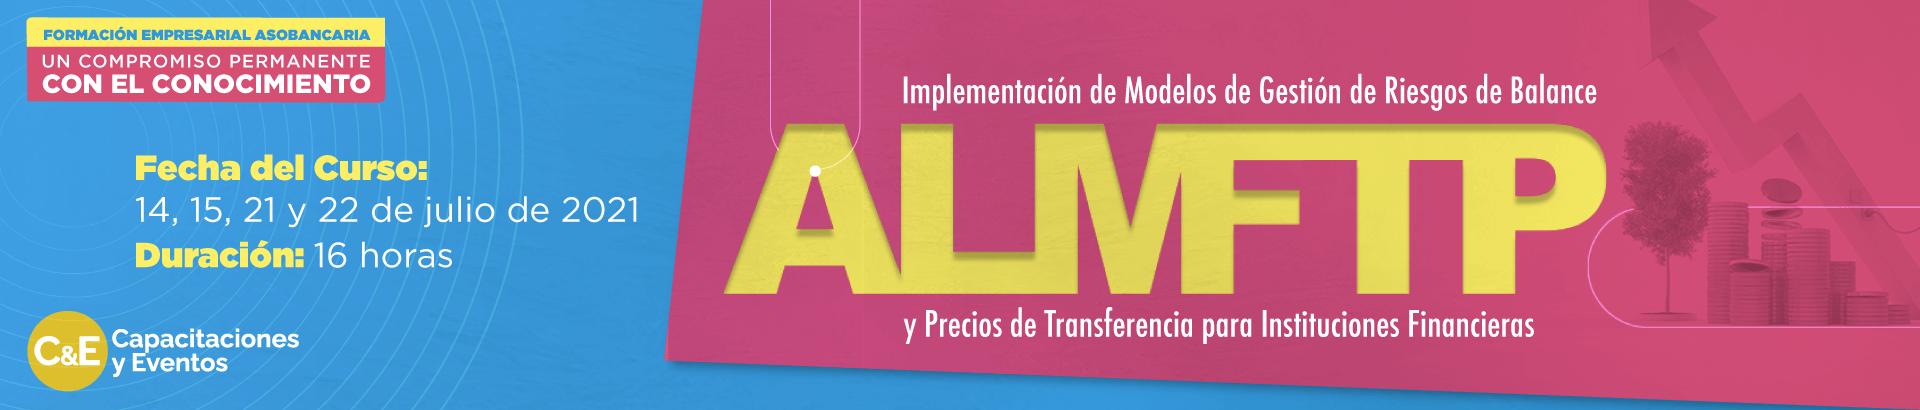 Capacitación Implementación de Modelos de Gestión de Riesgos de Balance (ALM) y Precios de Transferencia (FTP) para Instituciones Financieras asobancaria